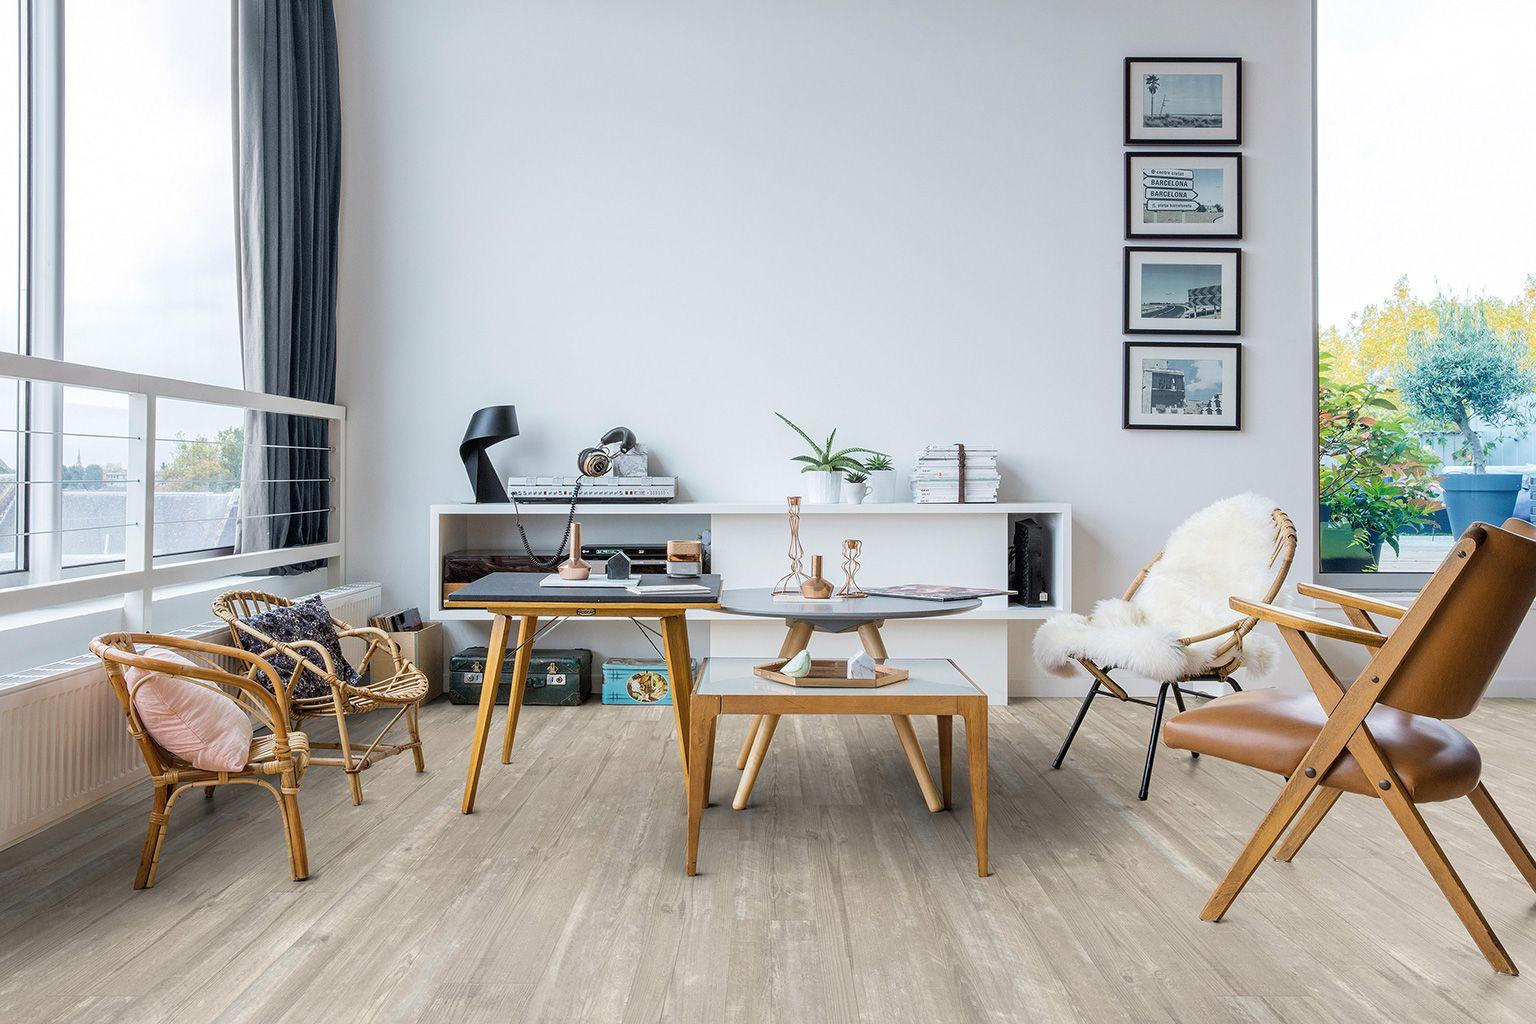 Pvc vloeren mflor pvc vloeren scherp geprijsd en hoogwaardige